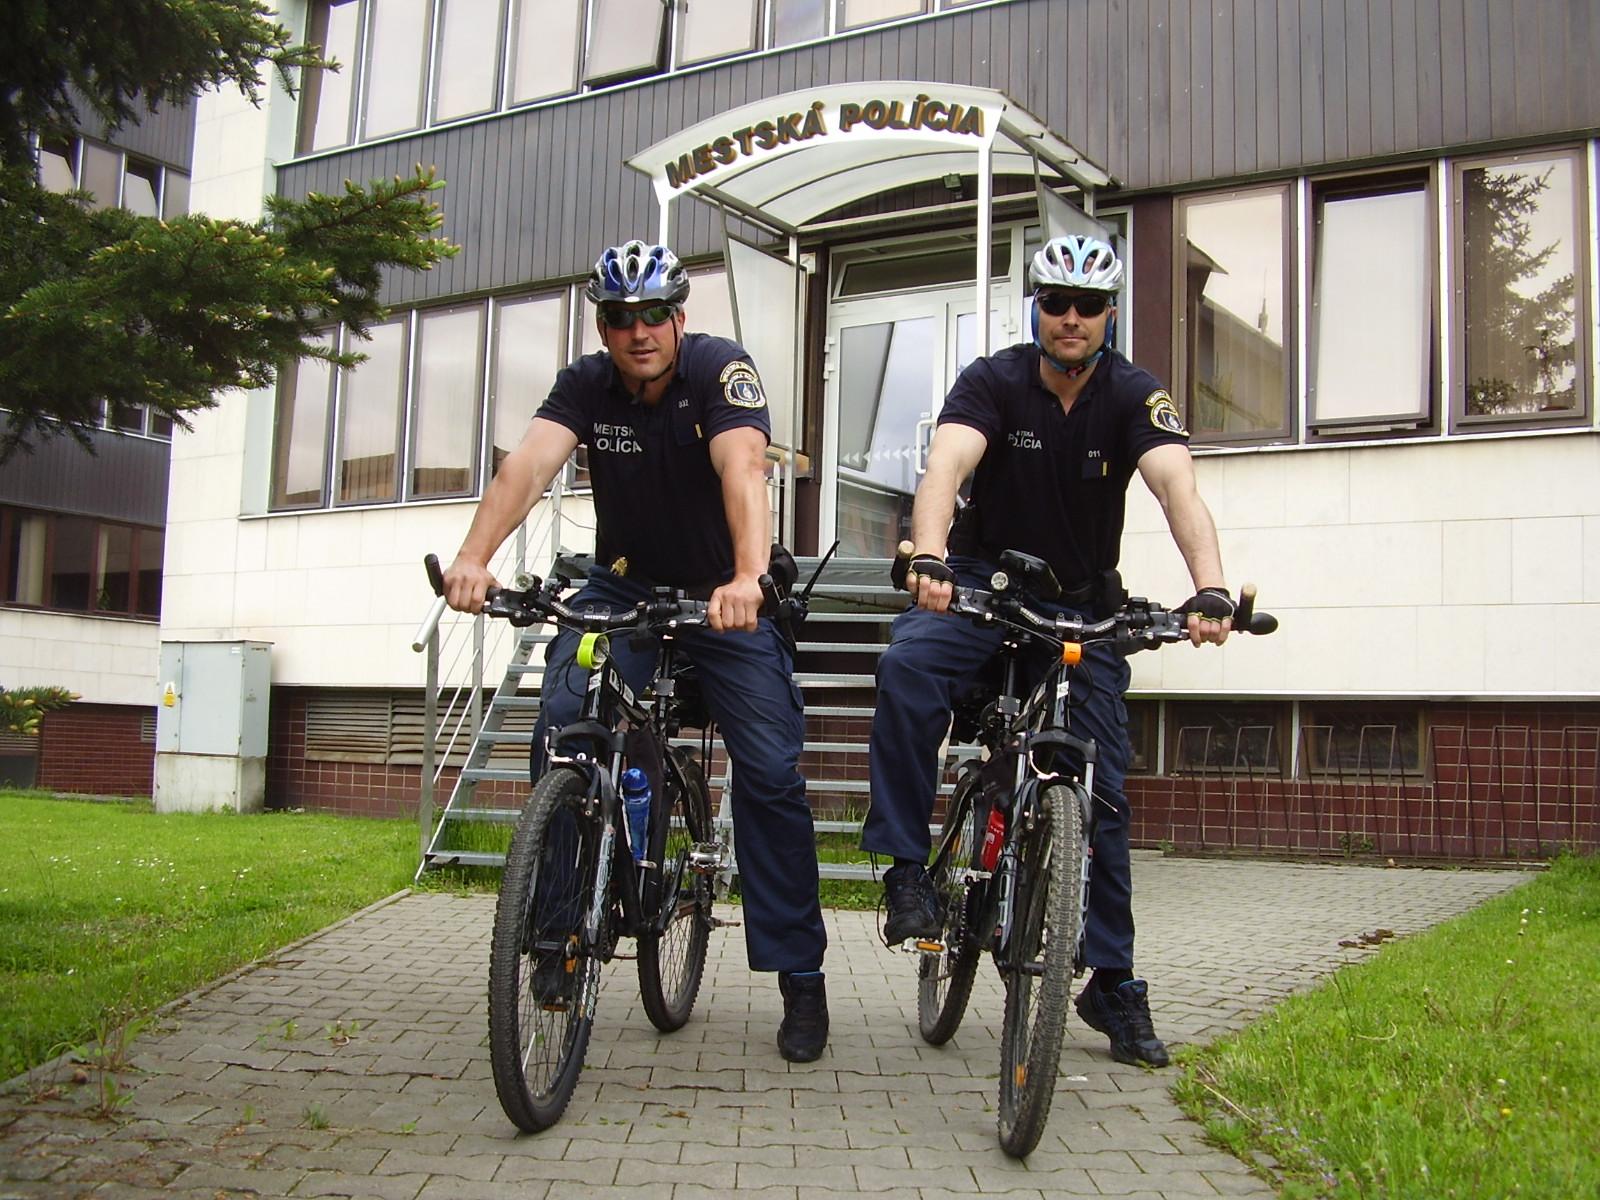 Mestskí policajti opäť hliadkujú v uliciach aj na bicykloch